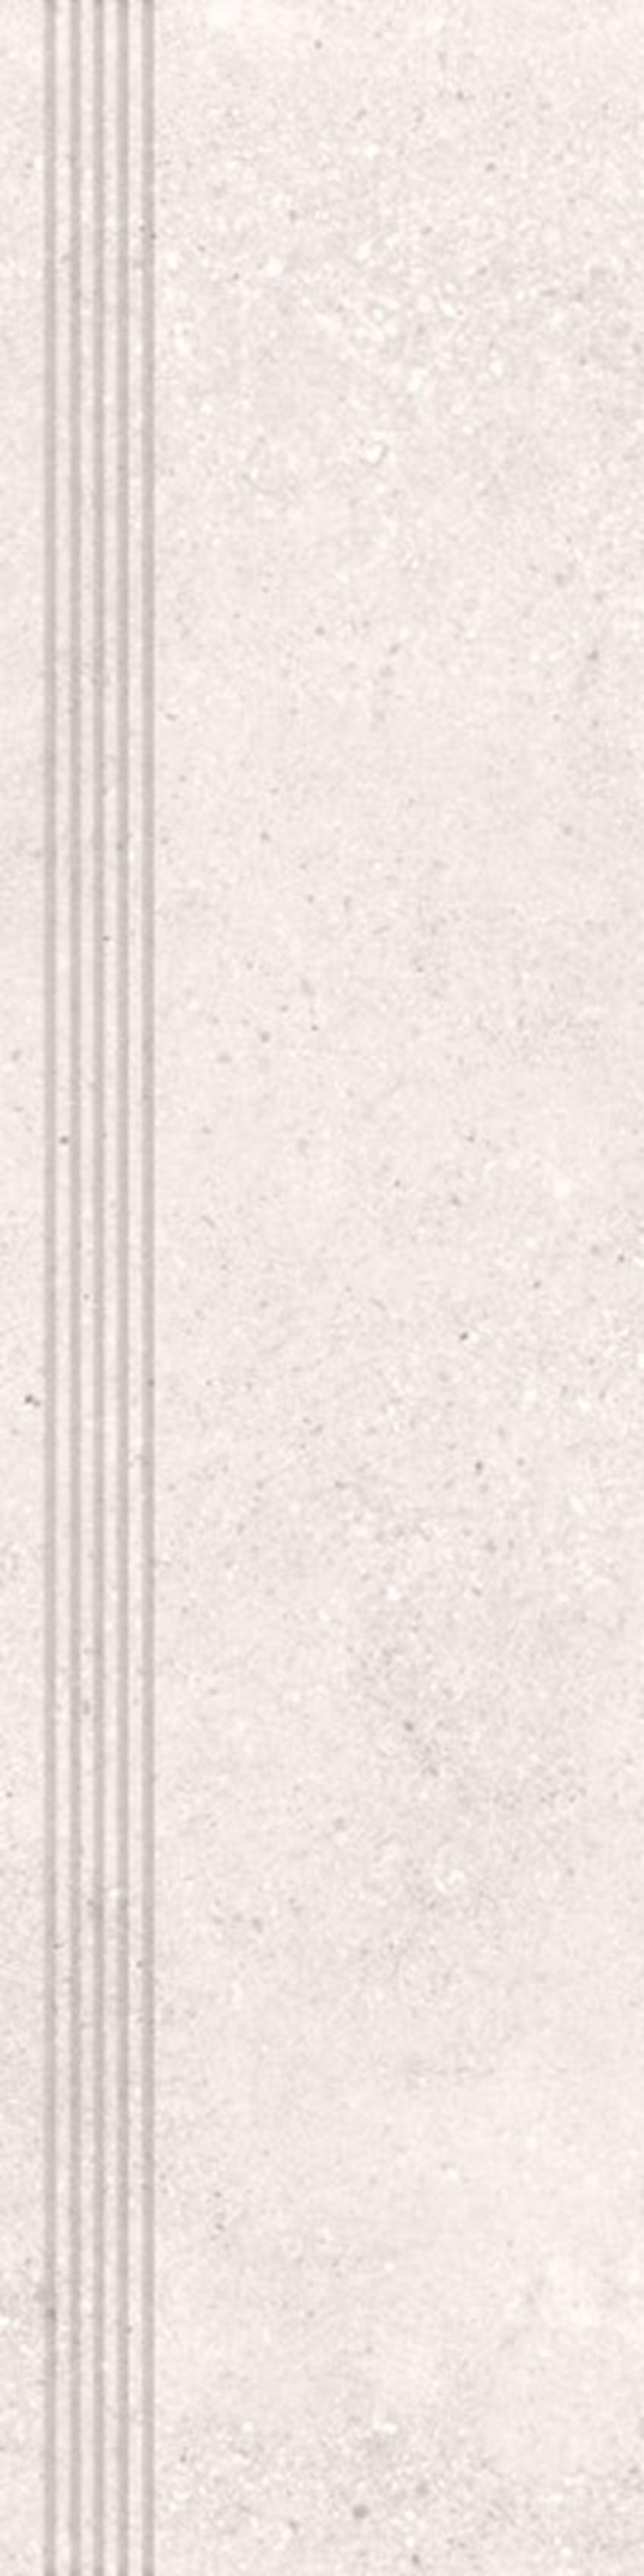 Płytka stopnicowa lappato mat 29,7x119,7 cm Nowa Gala Geotec